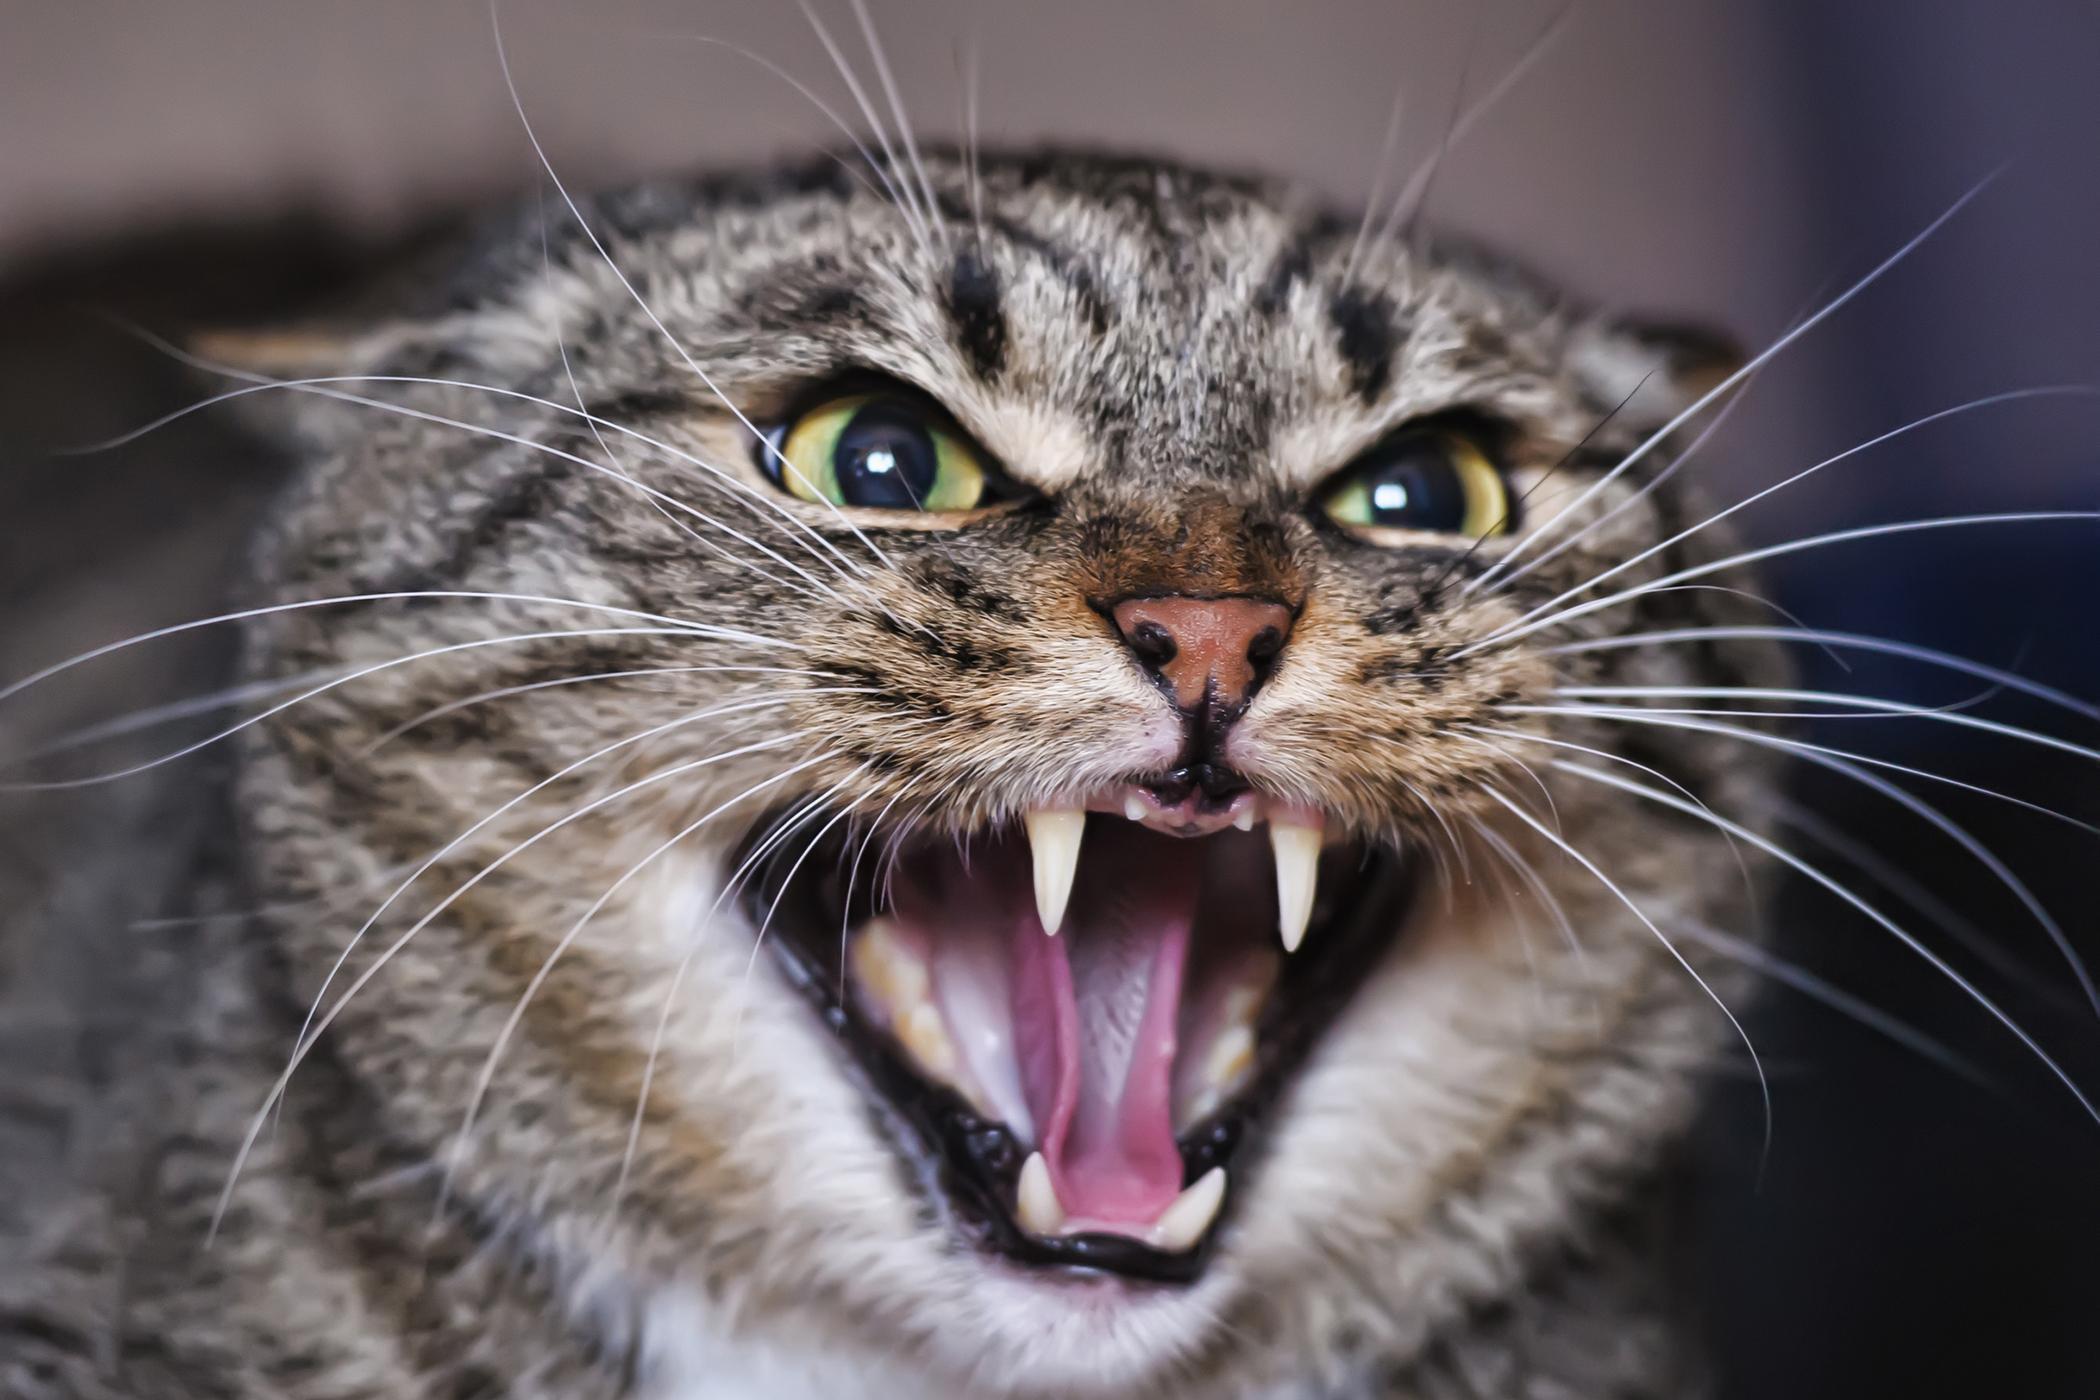 Enamel Allergy (Stomatitis) in Cats